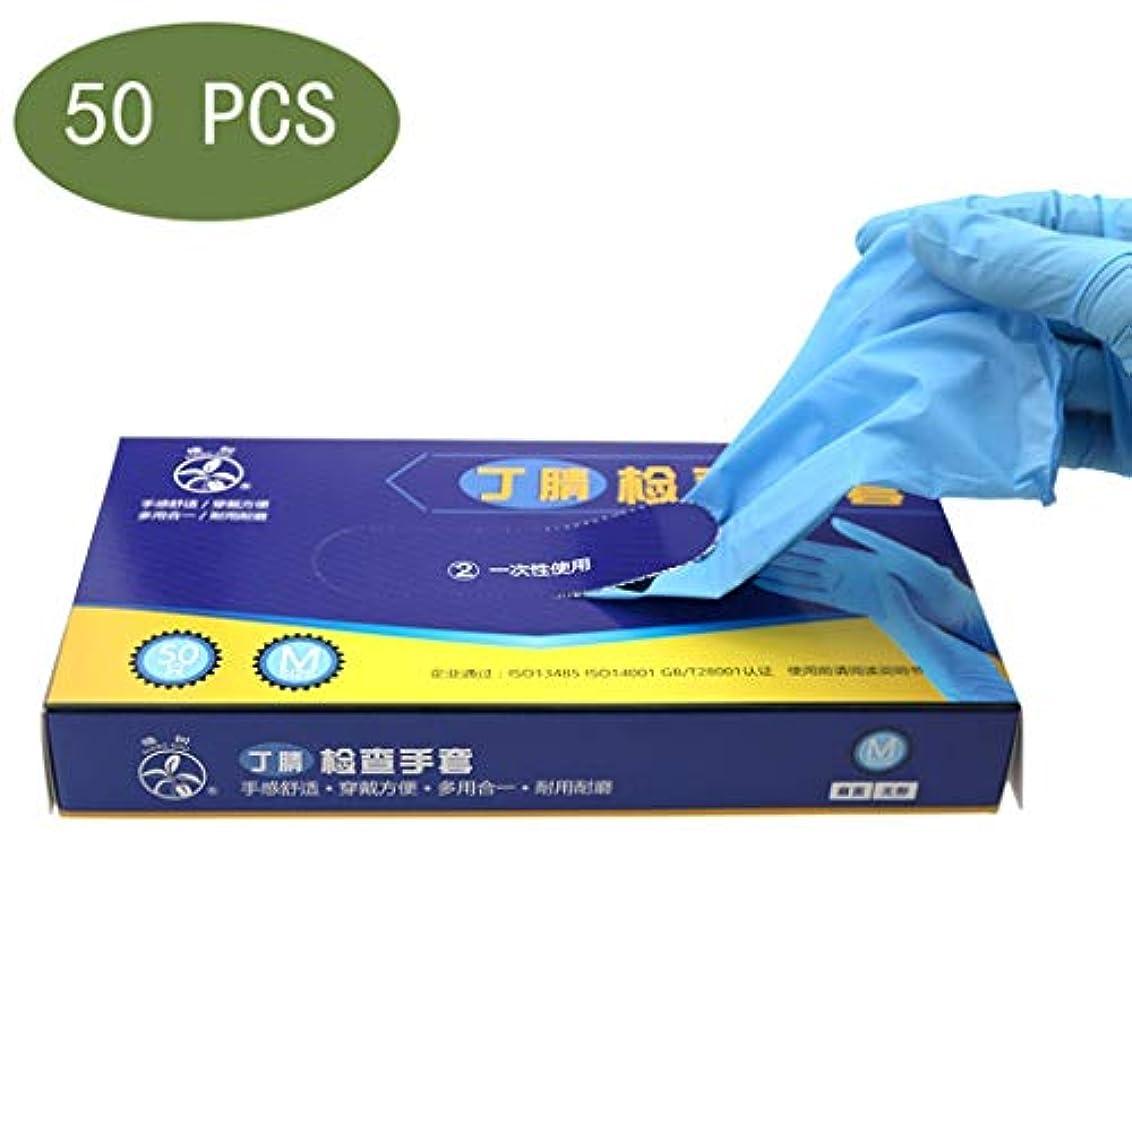 安心結果として受粉するニトリル試験手袋-医療グレード、パウダーフリー、ラテックスゴムフリー、使い捨て、非滅菌、食品安全、テクスチャー、青、3ミル、50個入り、サイズ大、家庭用クリーニング手袋 (Color : Blue, Size : S)